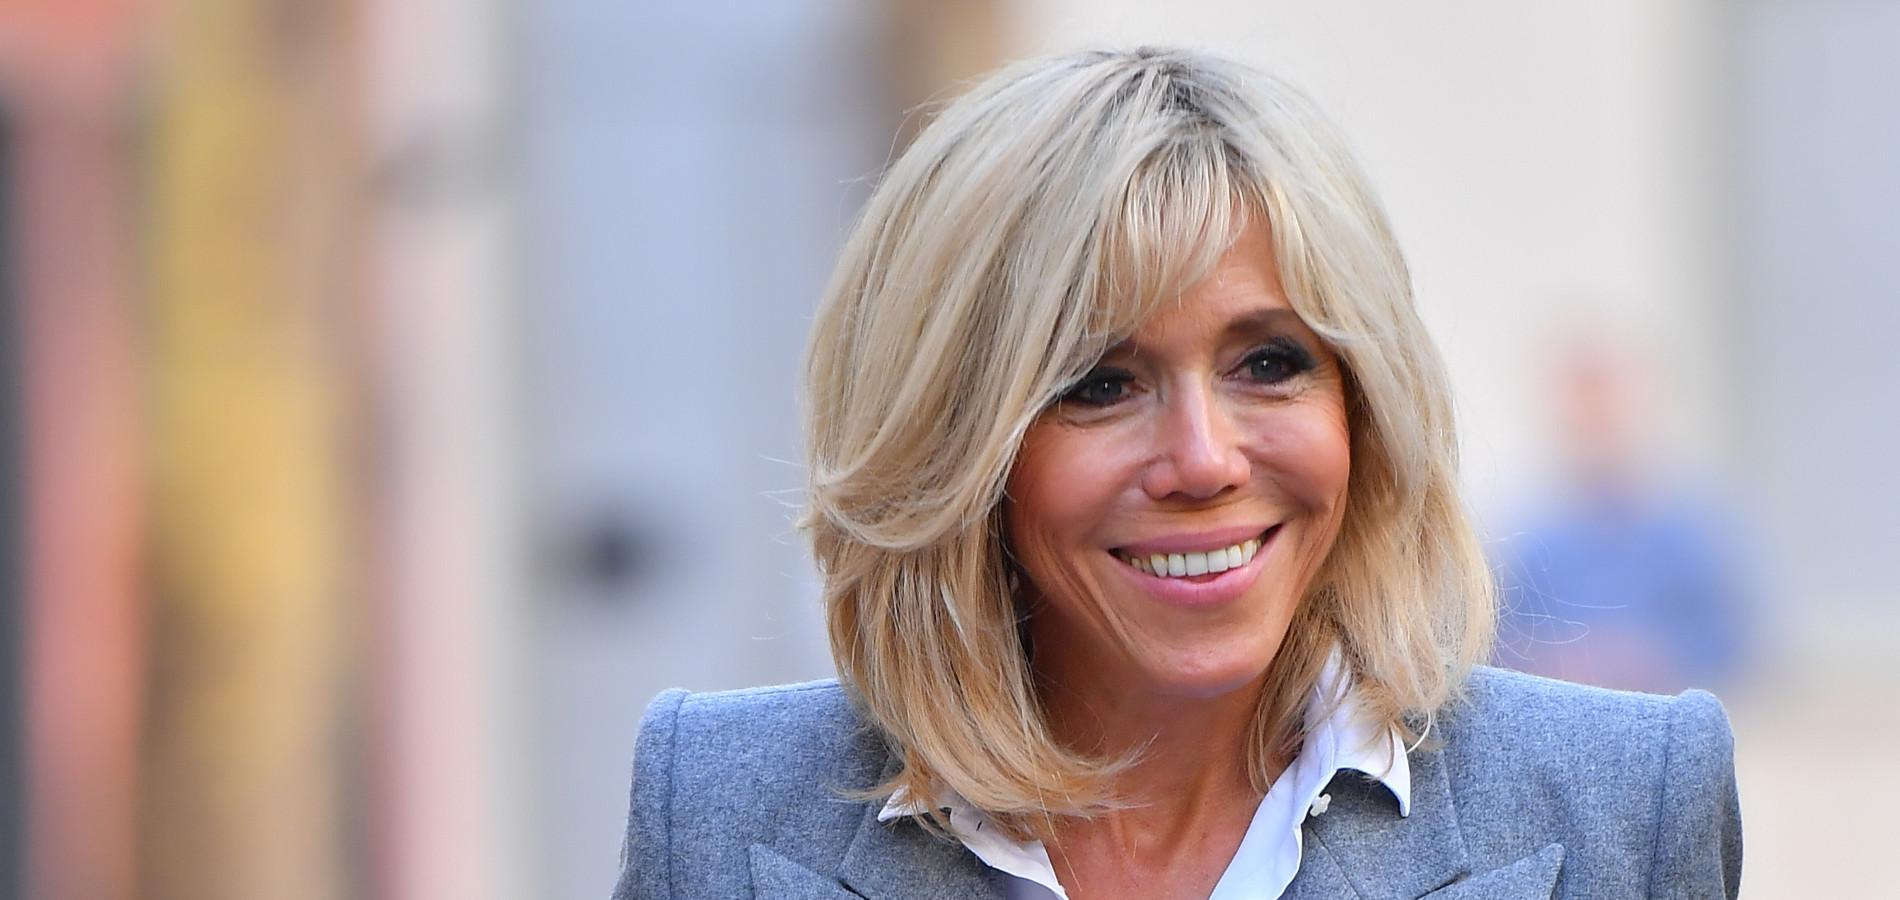 Carré Signature Frange Aléatoire Blond Changeant La Coiffure De